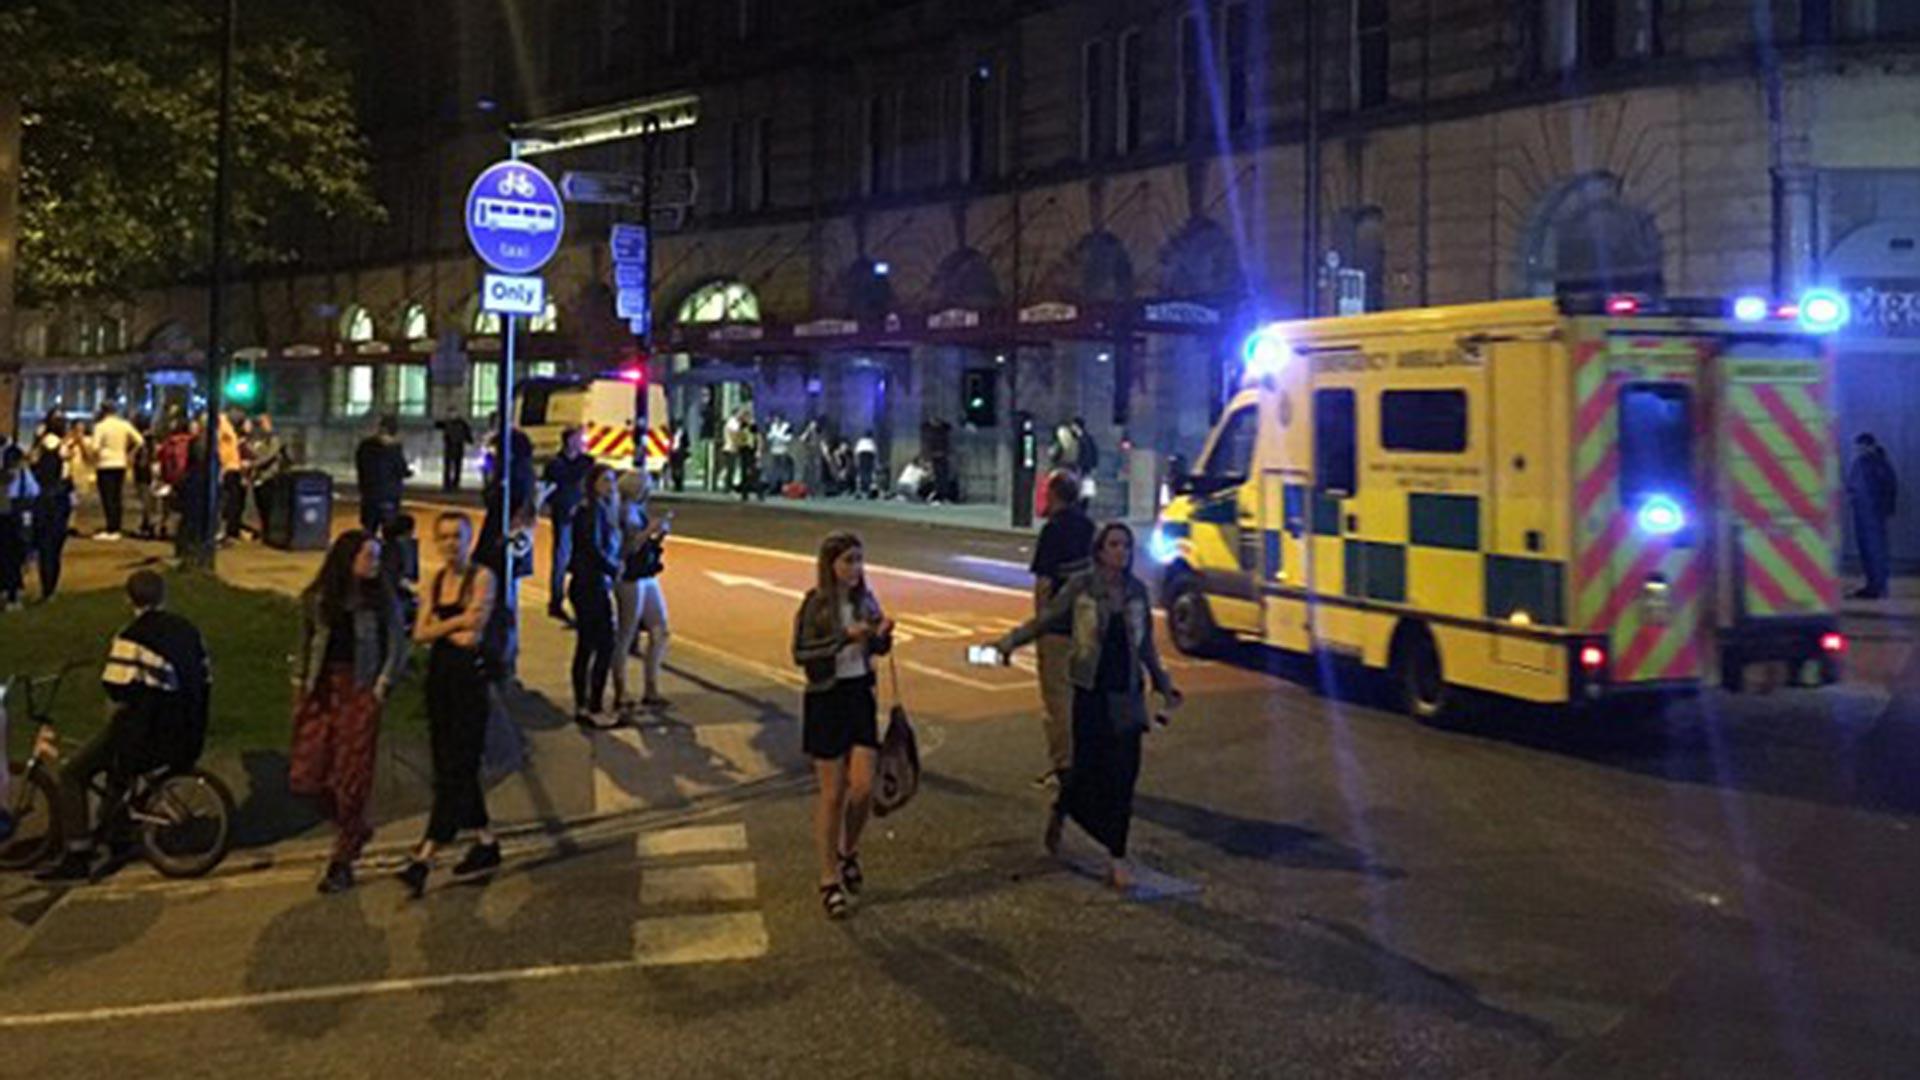 Decenas de policías y ambulancias llegaron en breve tiempo al lugar y atendieron a los heridos que tratando de salir con prisa del lugar quedaron heridos